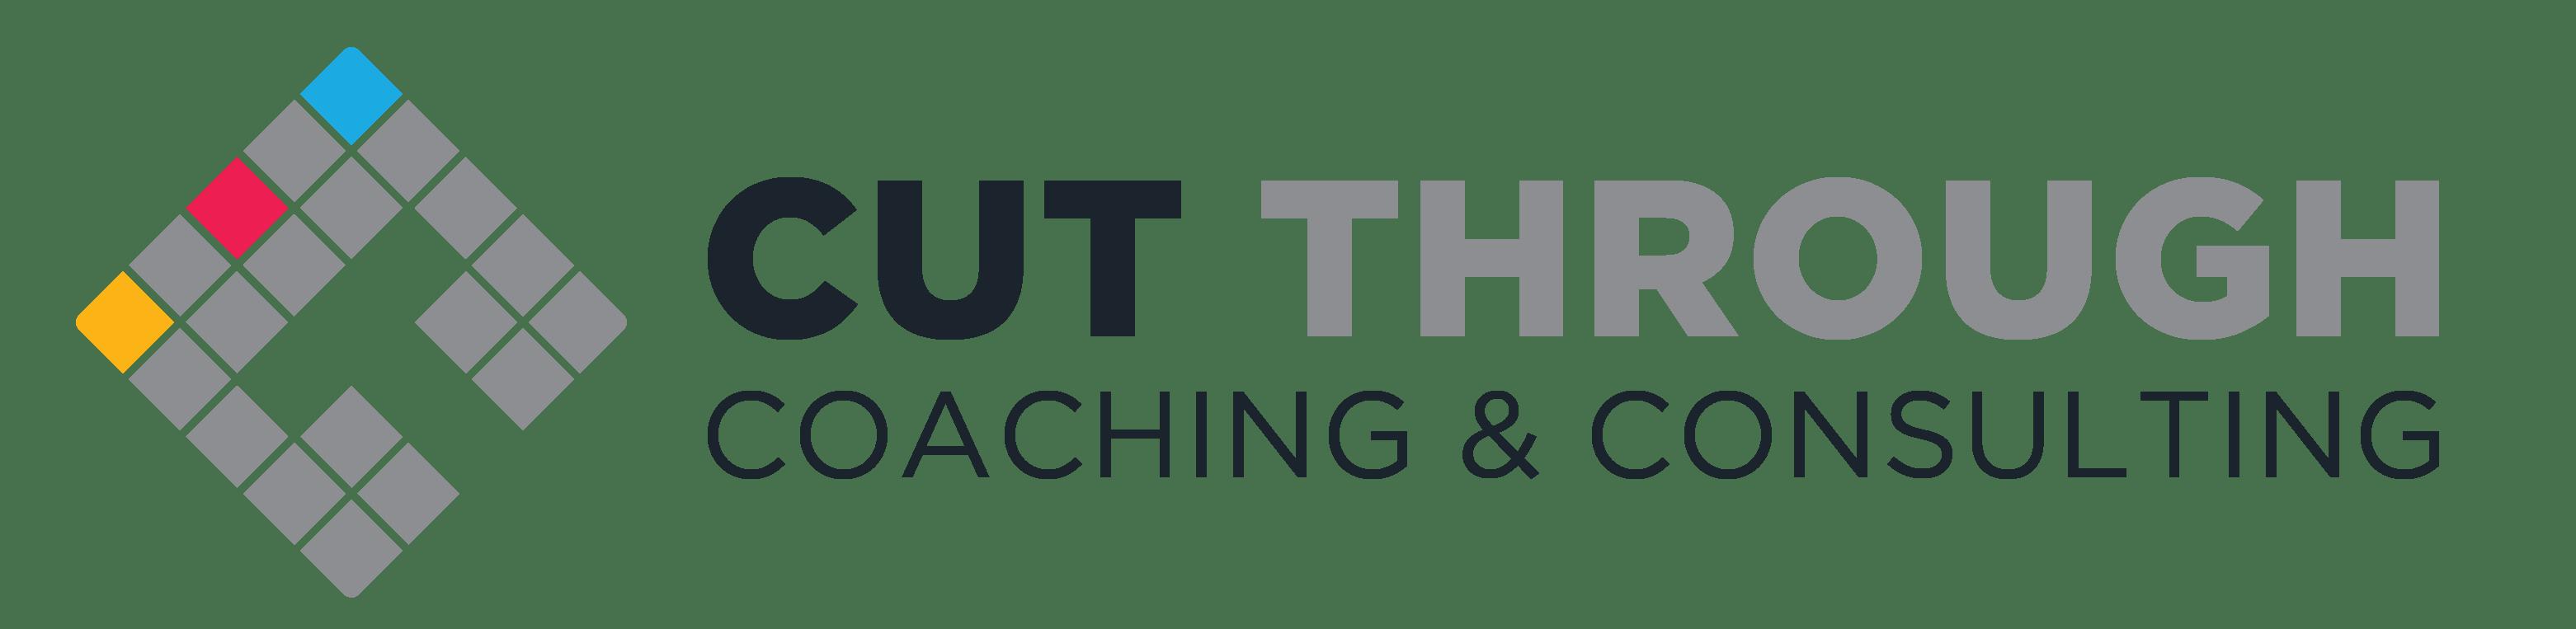 Cut Through Coaching & Consulting